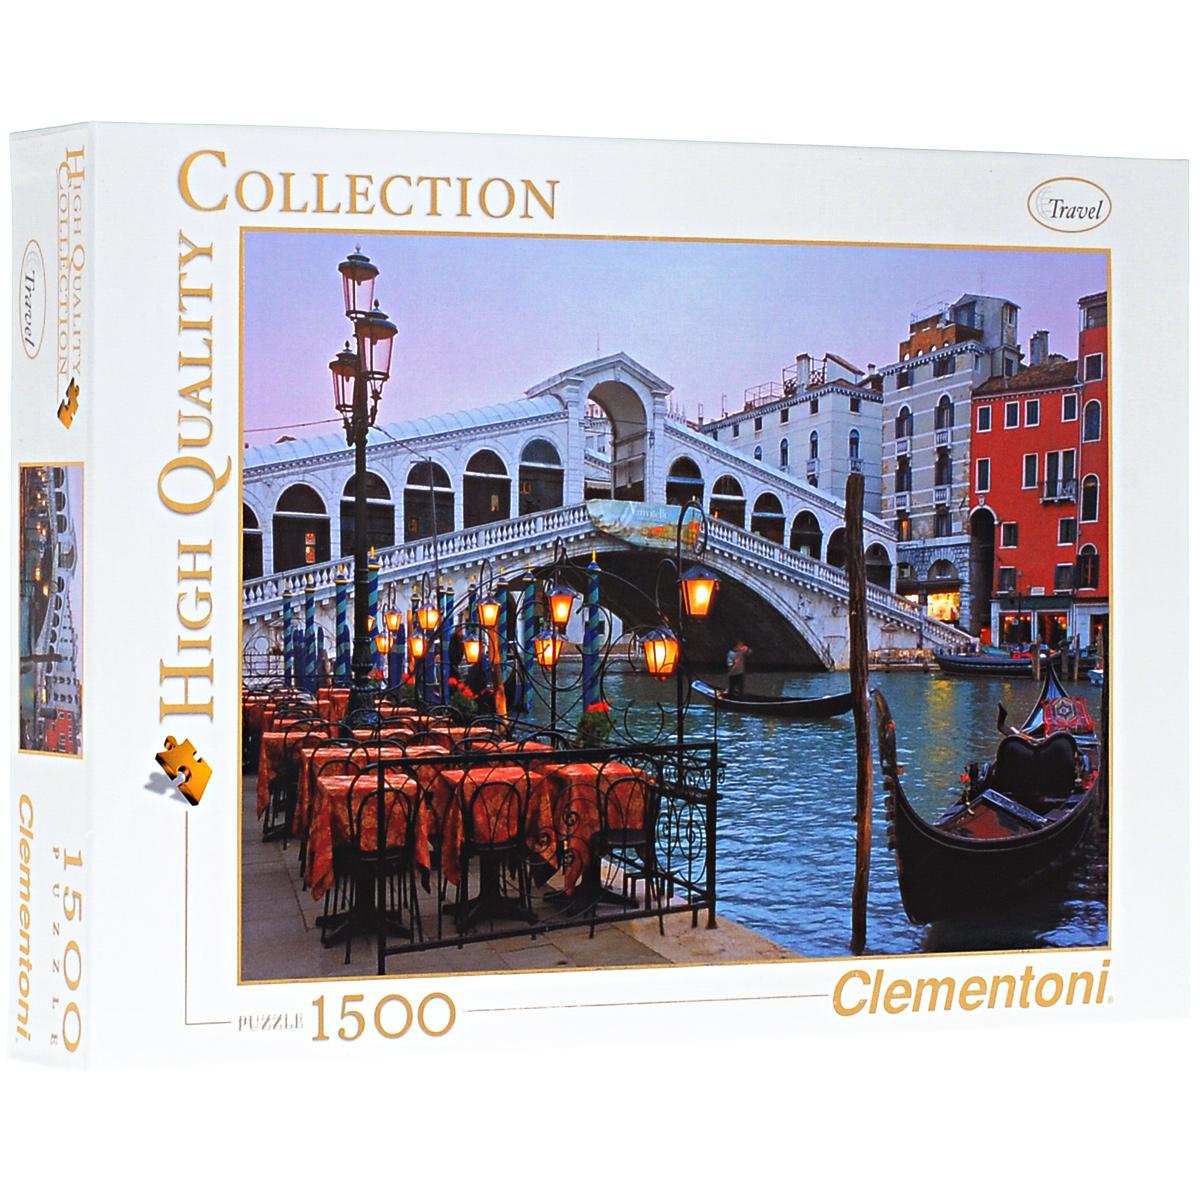 Венеция, мост. Пазл, 1500 элементов31982Пазл Clementoni Венеция, мост, без сомнения, придется по душе вам и вашему ребенку. Собрав этот пазл, включающий в себя 1500 элементов, вы получите цветной оригинальный постер с изображением моста. Жемчужина Италии - Венеция, как известно, город каналов и мостов. Его прекрасные площади и узкие улочки соединяют более чем 400 мостов, которые славятся по всему миру своим изяществом и великолепием. Пазлы - прекрасное антистрессовое средство для взрослых и замечательная развивающая игра для детей. Собирание пазла развивает у ребенка мелкую моторику рук, тренирует наблюдательность, логическое мышление, знакомит с окружающим миром, с цветом и разнообразными формами, учит усидчивости и терпению, аккуратности и вниманию. Собирание пазла - прекрасное времяпрепровождение для всей семьи.